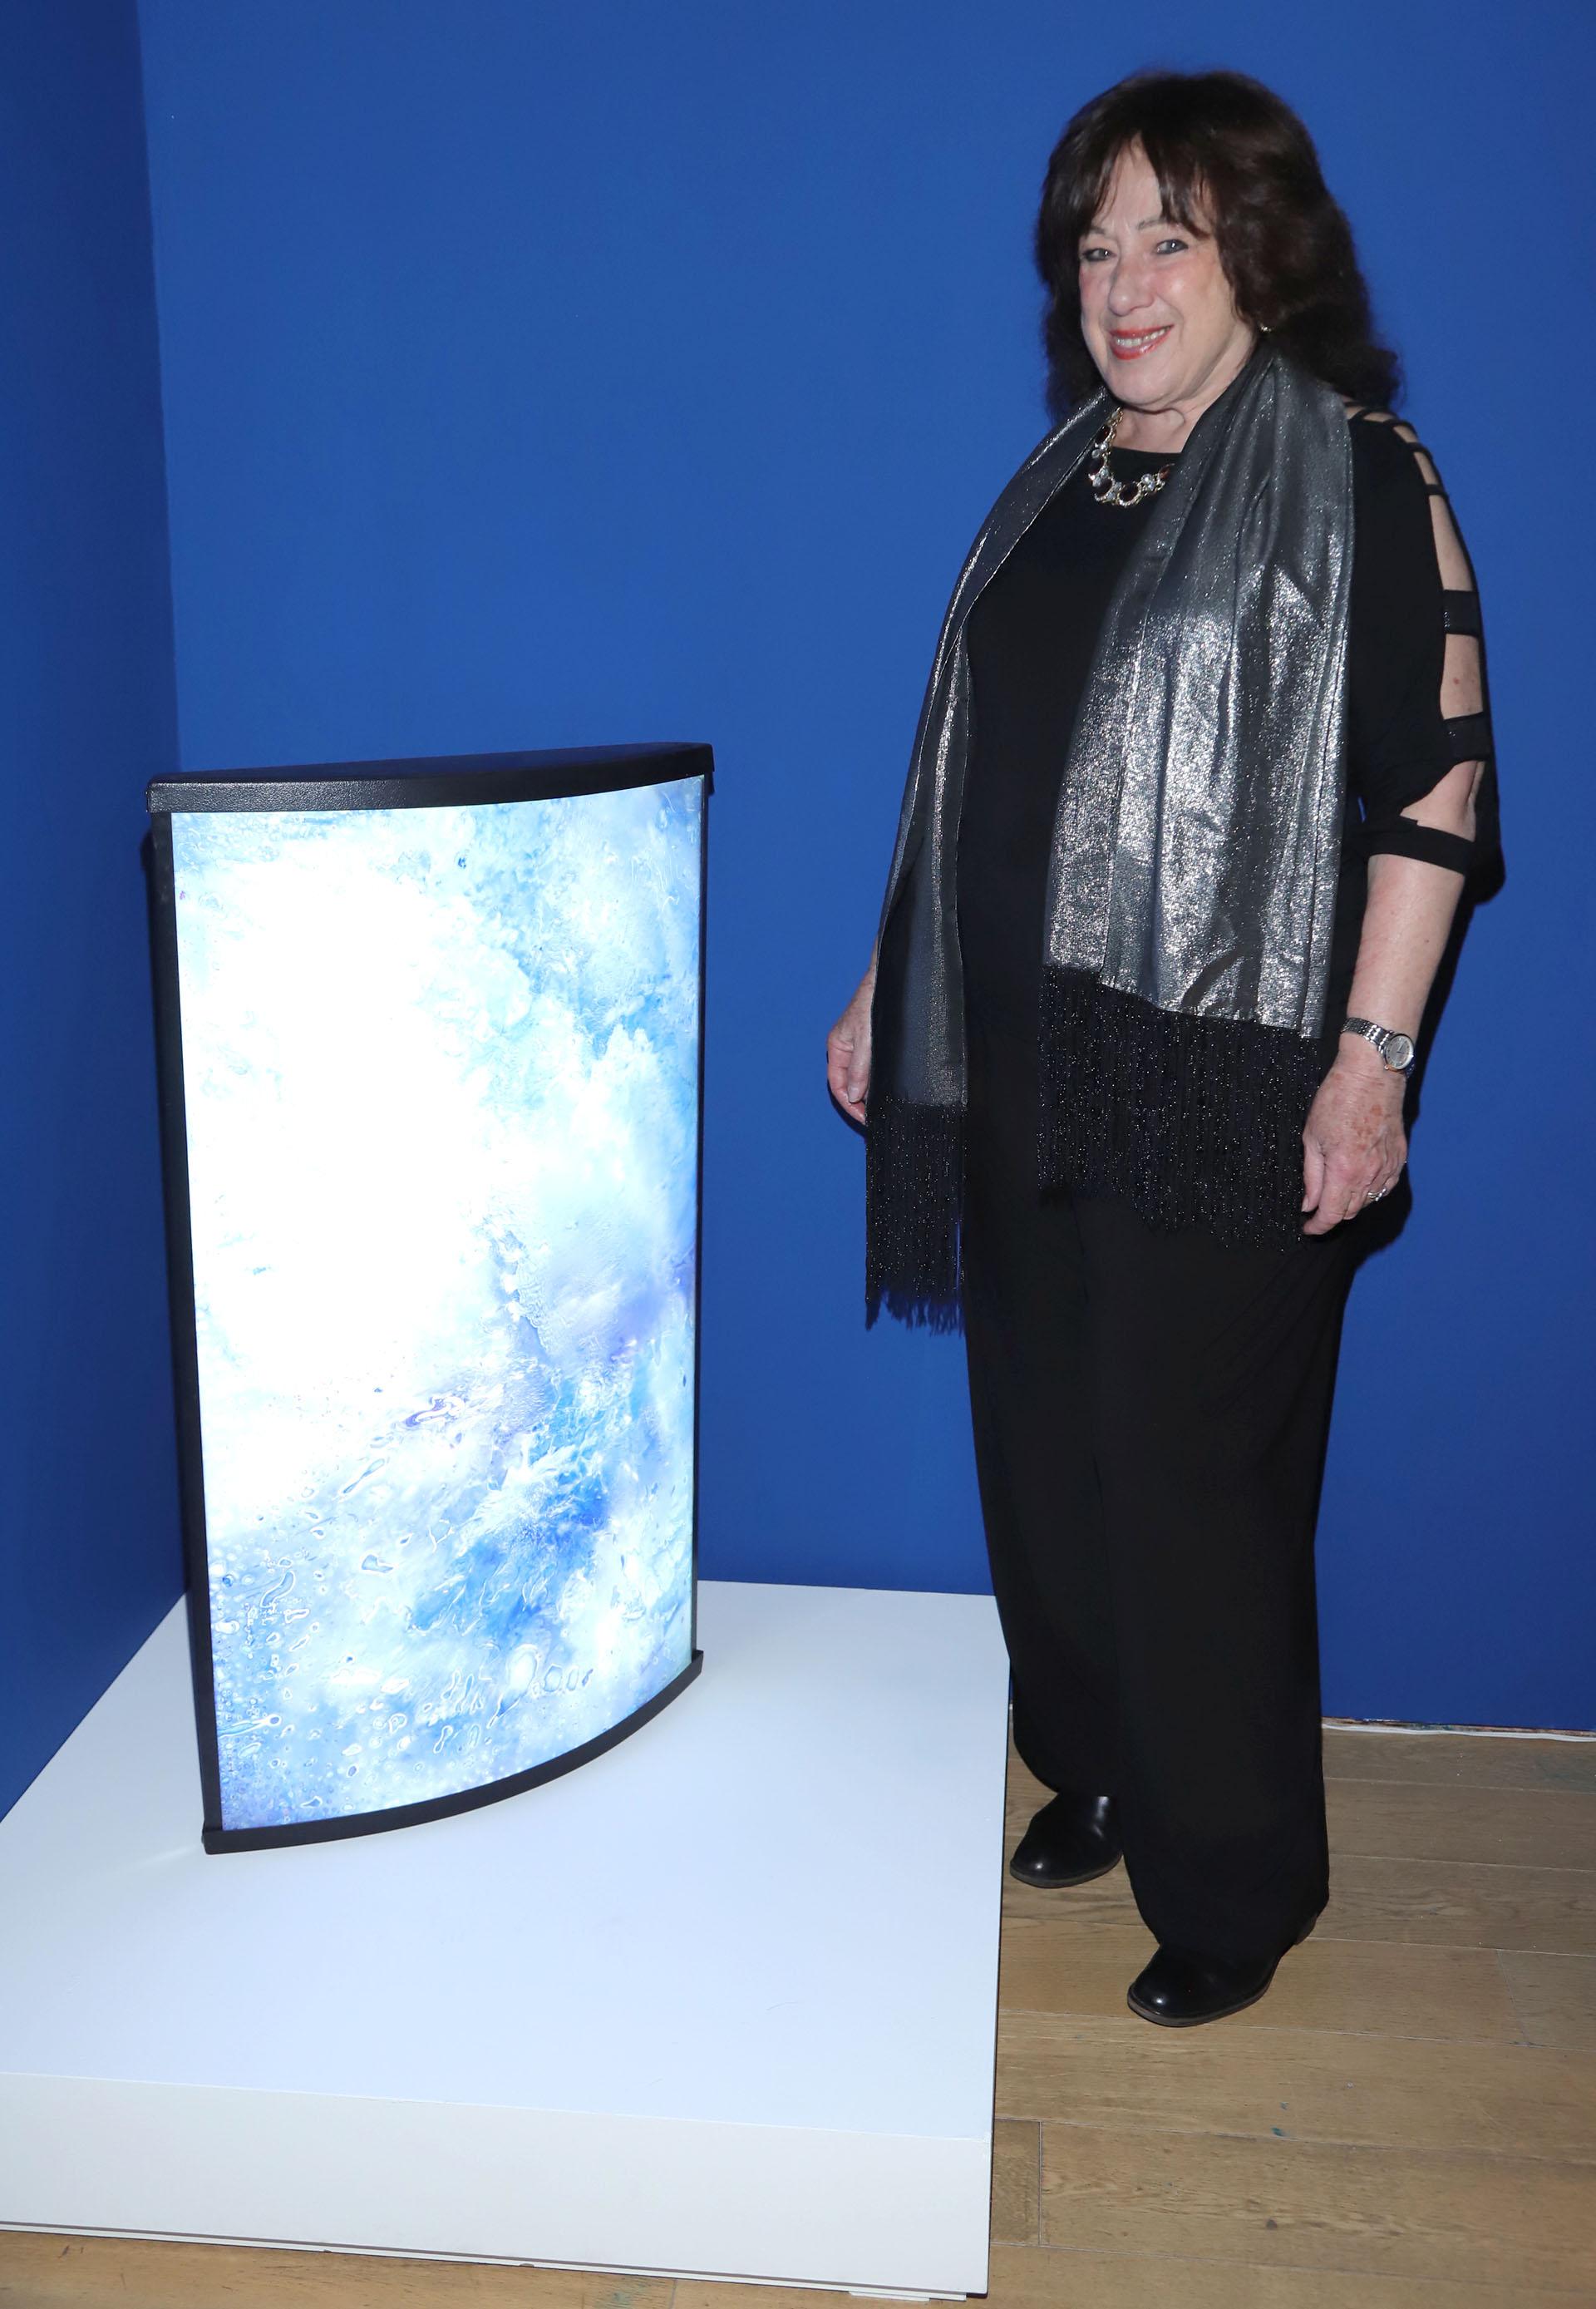 La artista Sara Diciero con su obra